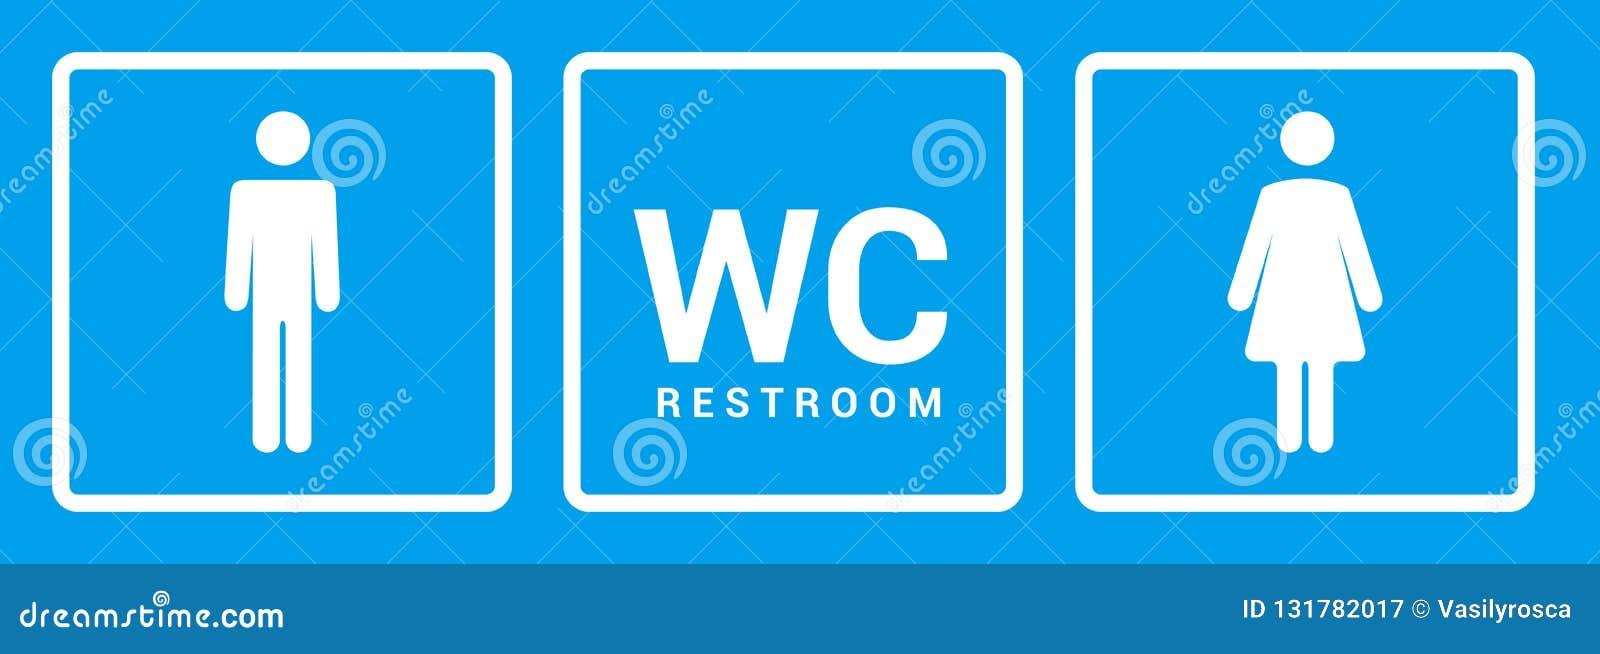 Vitesse de toilette datant